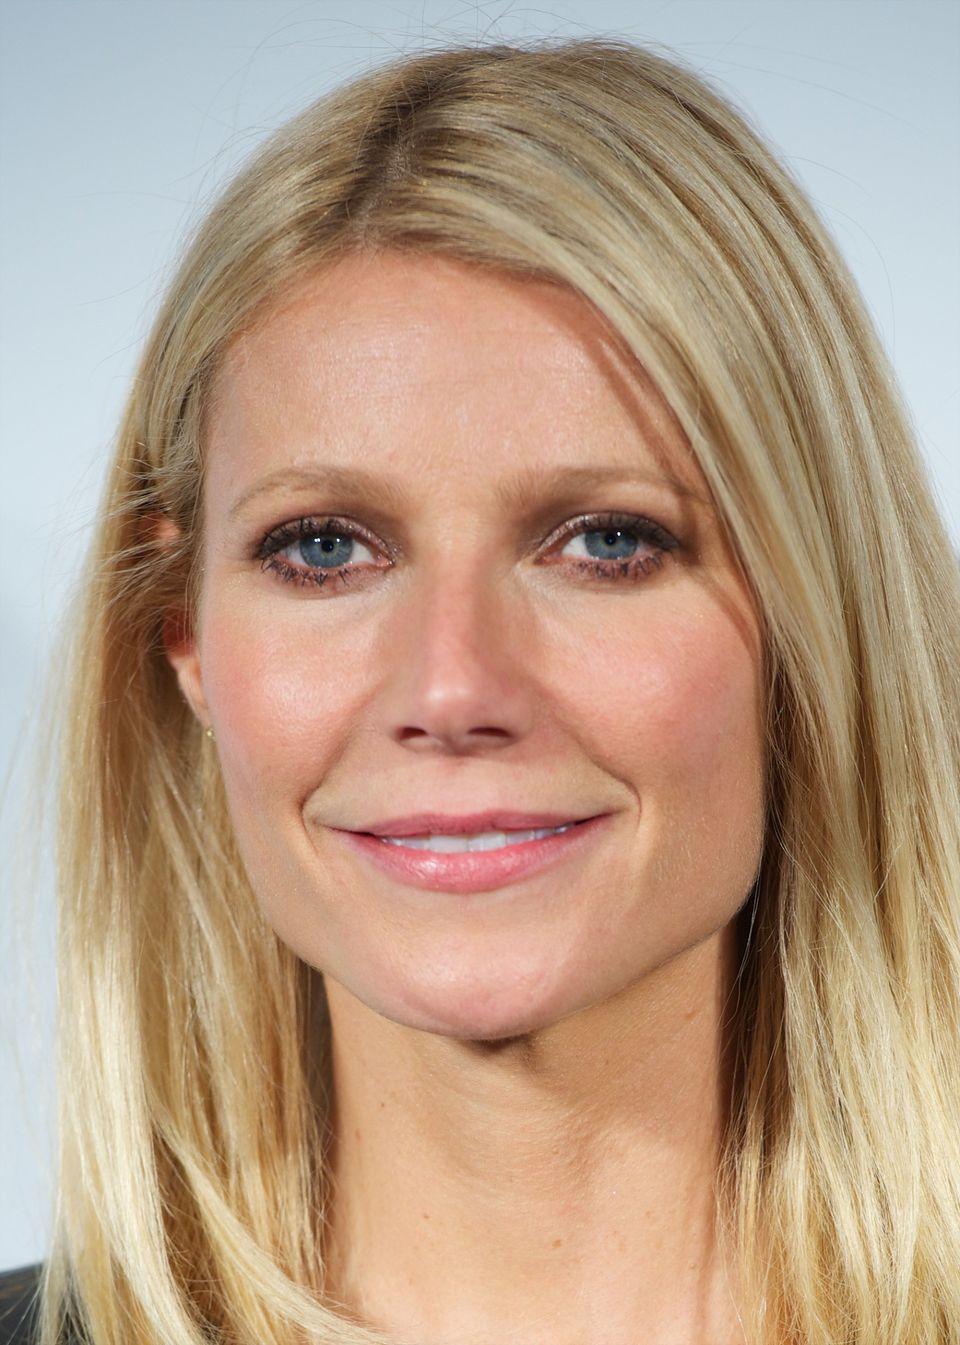 """<a href=""""http://www.harpersbazaar.com/magazine/cover/gwyneth-paltrow-interview-0513#slide-1"""" target=""""_blank"""">Gwyneth told Har"""